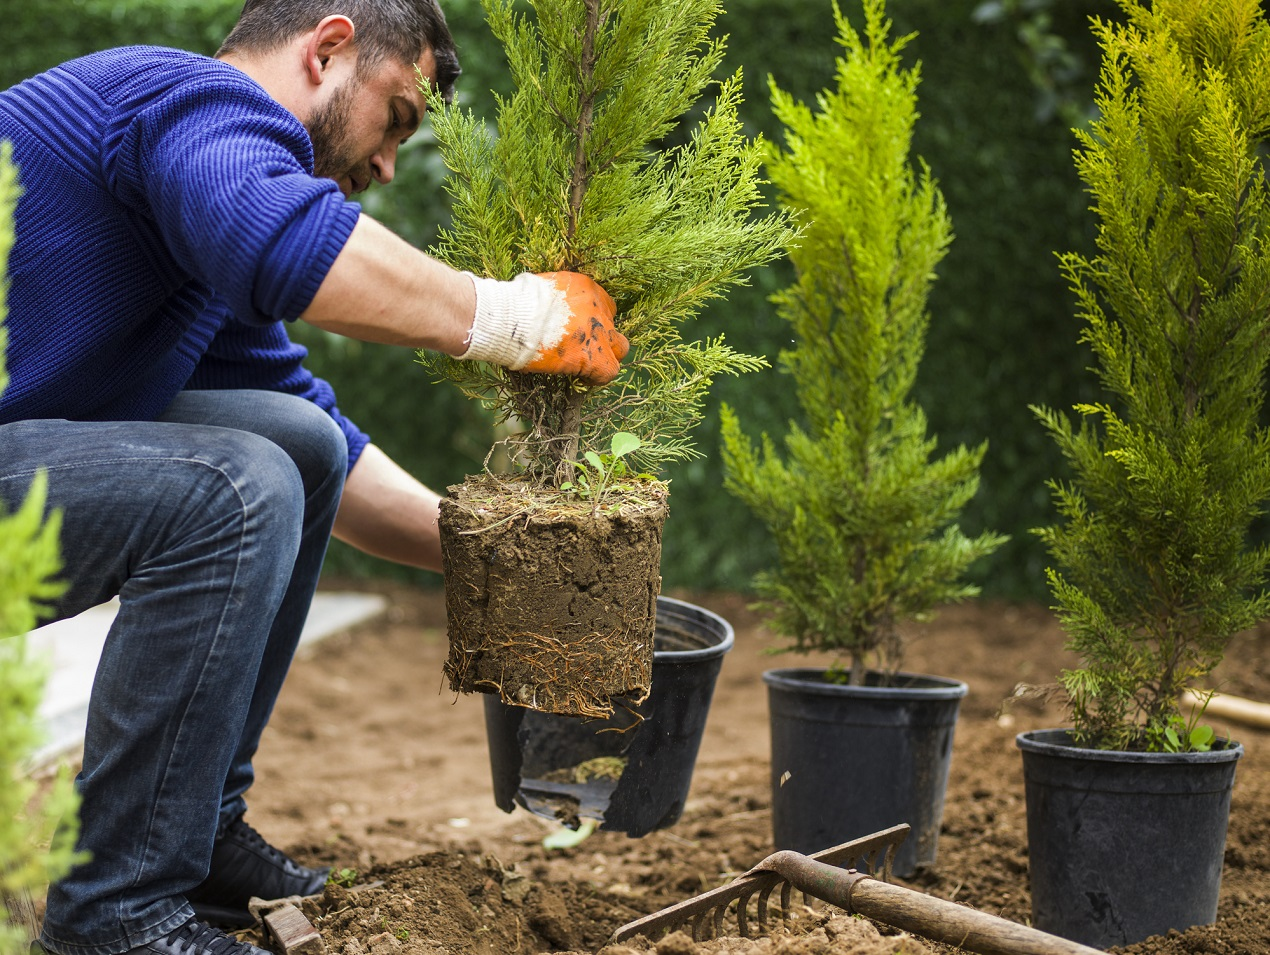 Безопасная покупка хвойных деревьев в Интернете - как убедиться в магазине?